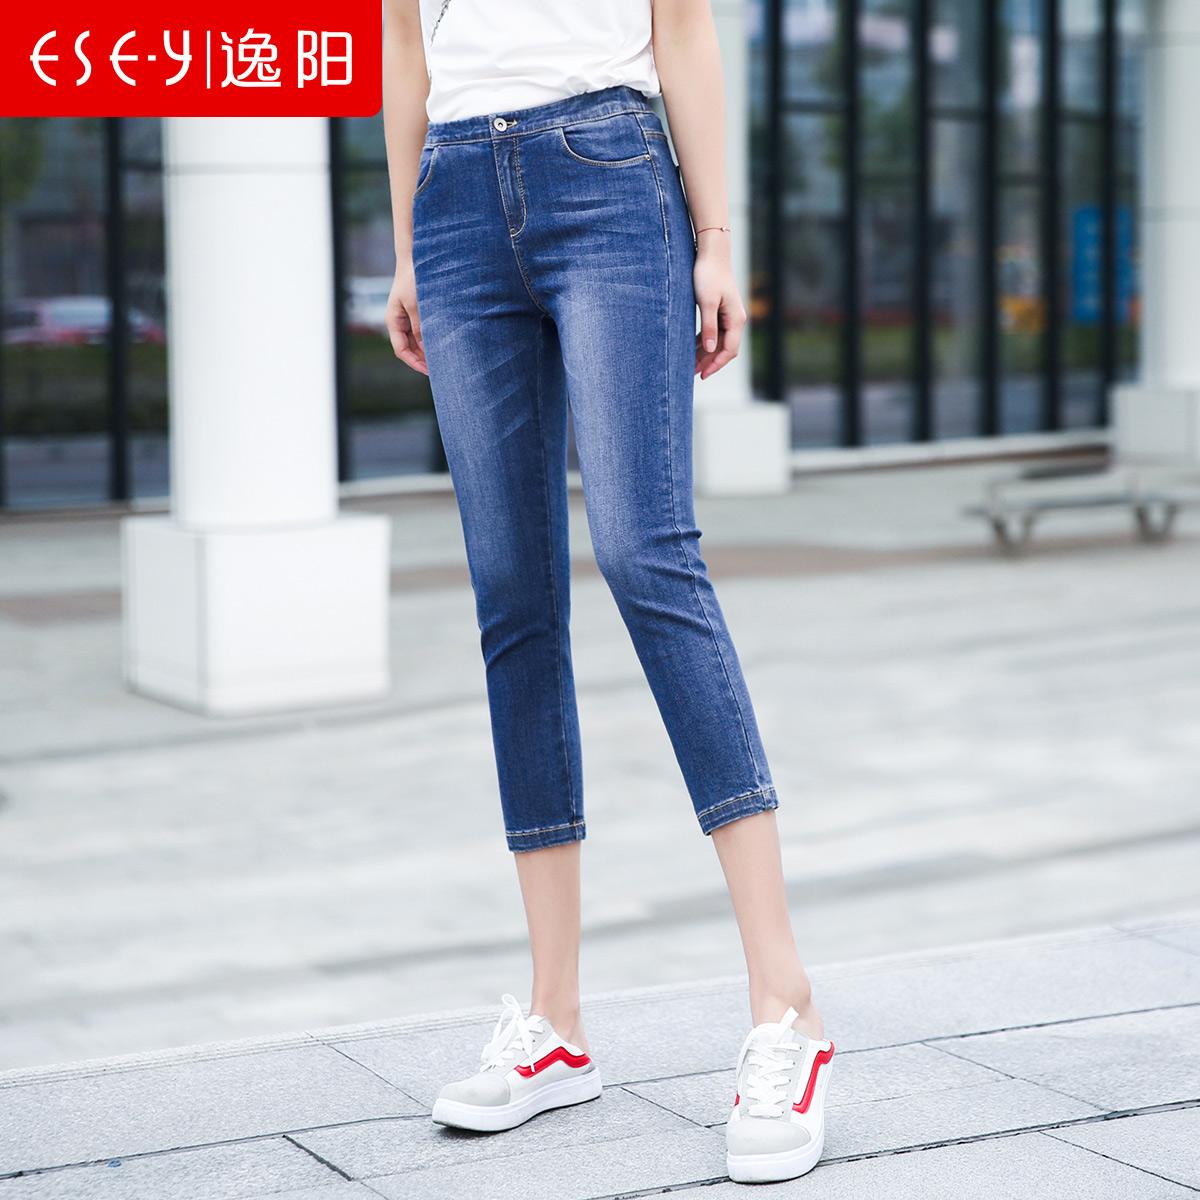 高腰小脚裤铅笔裤